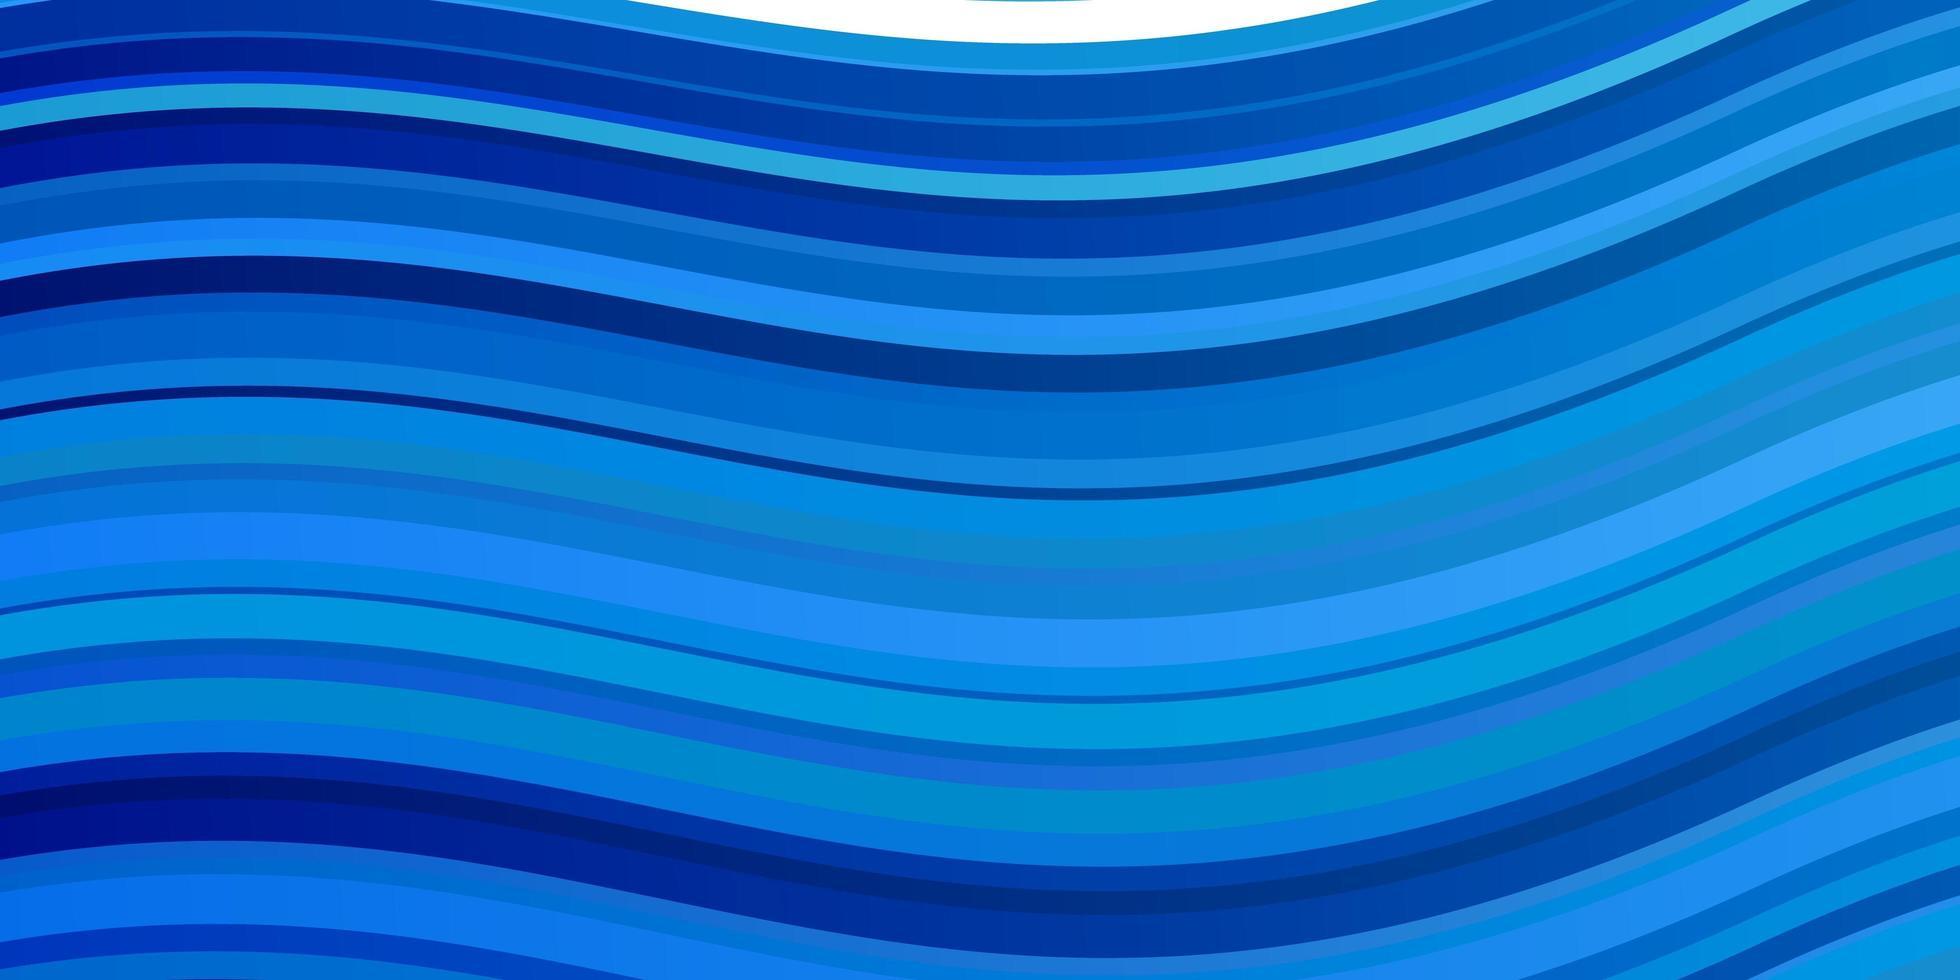 lichtblauwe vectorachtergrond met gebogen lijnen. vector